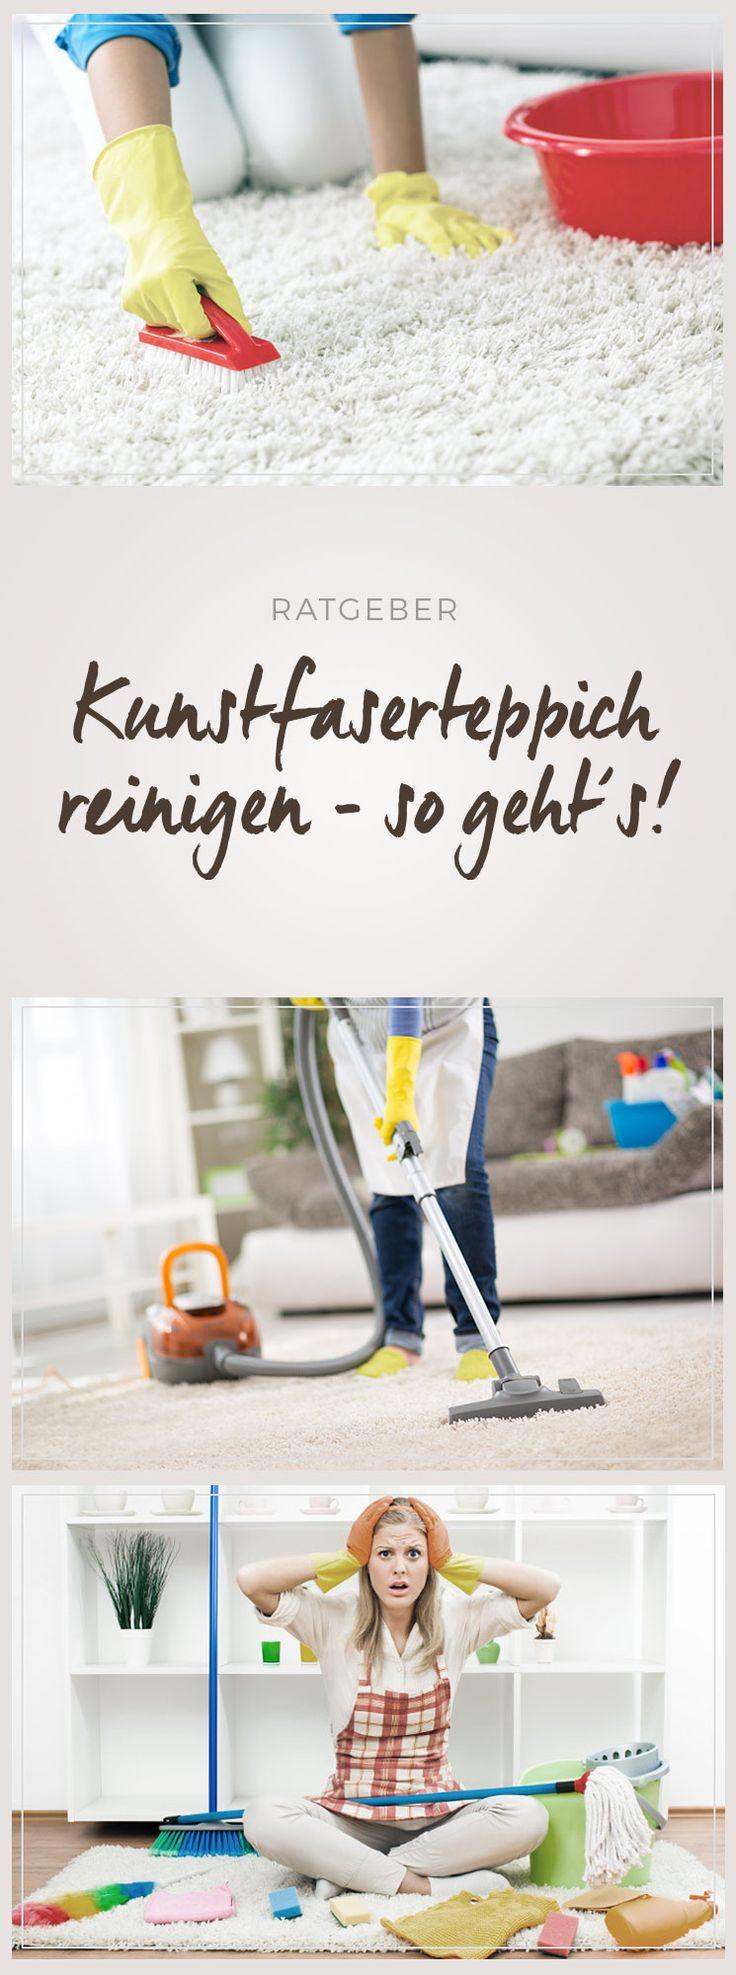 Kunstfaserteppich reinigen - Tipps im benuta Blog #benuta #teppich #diy#interior #rug